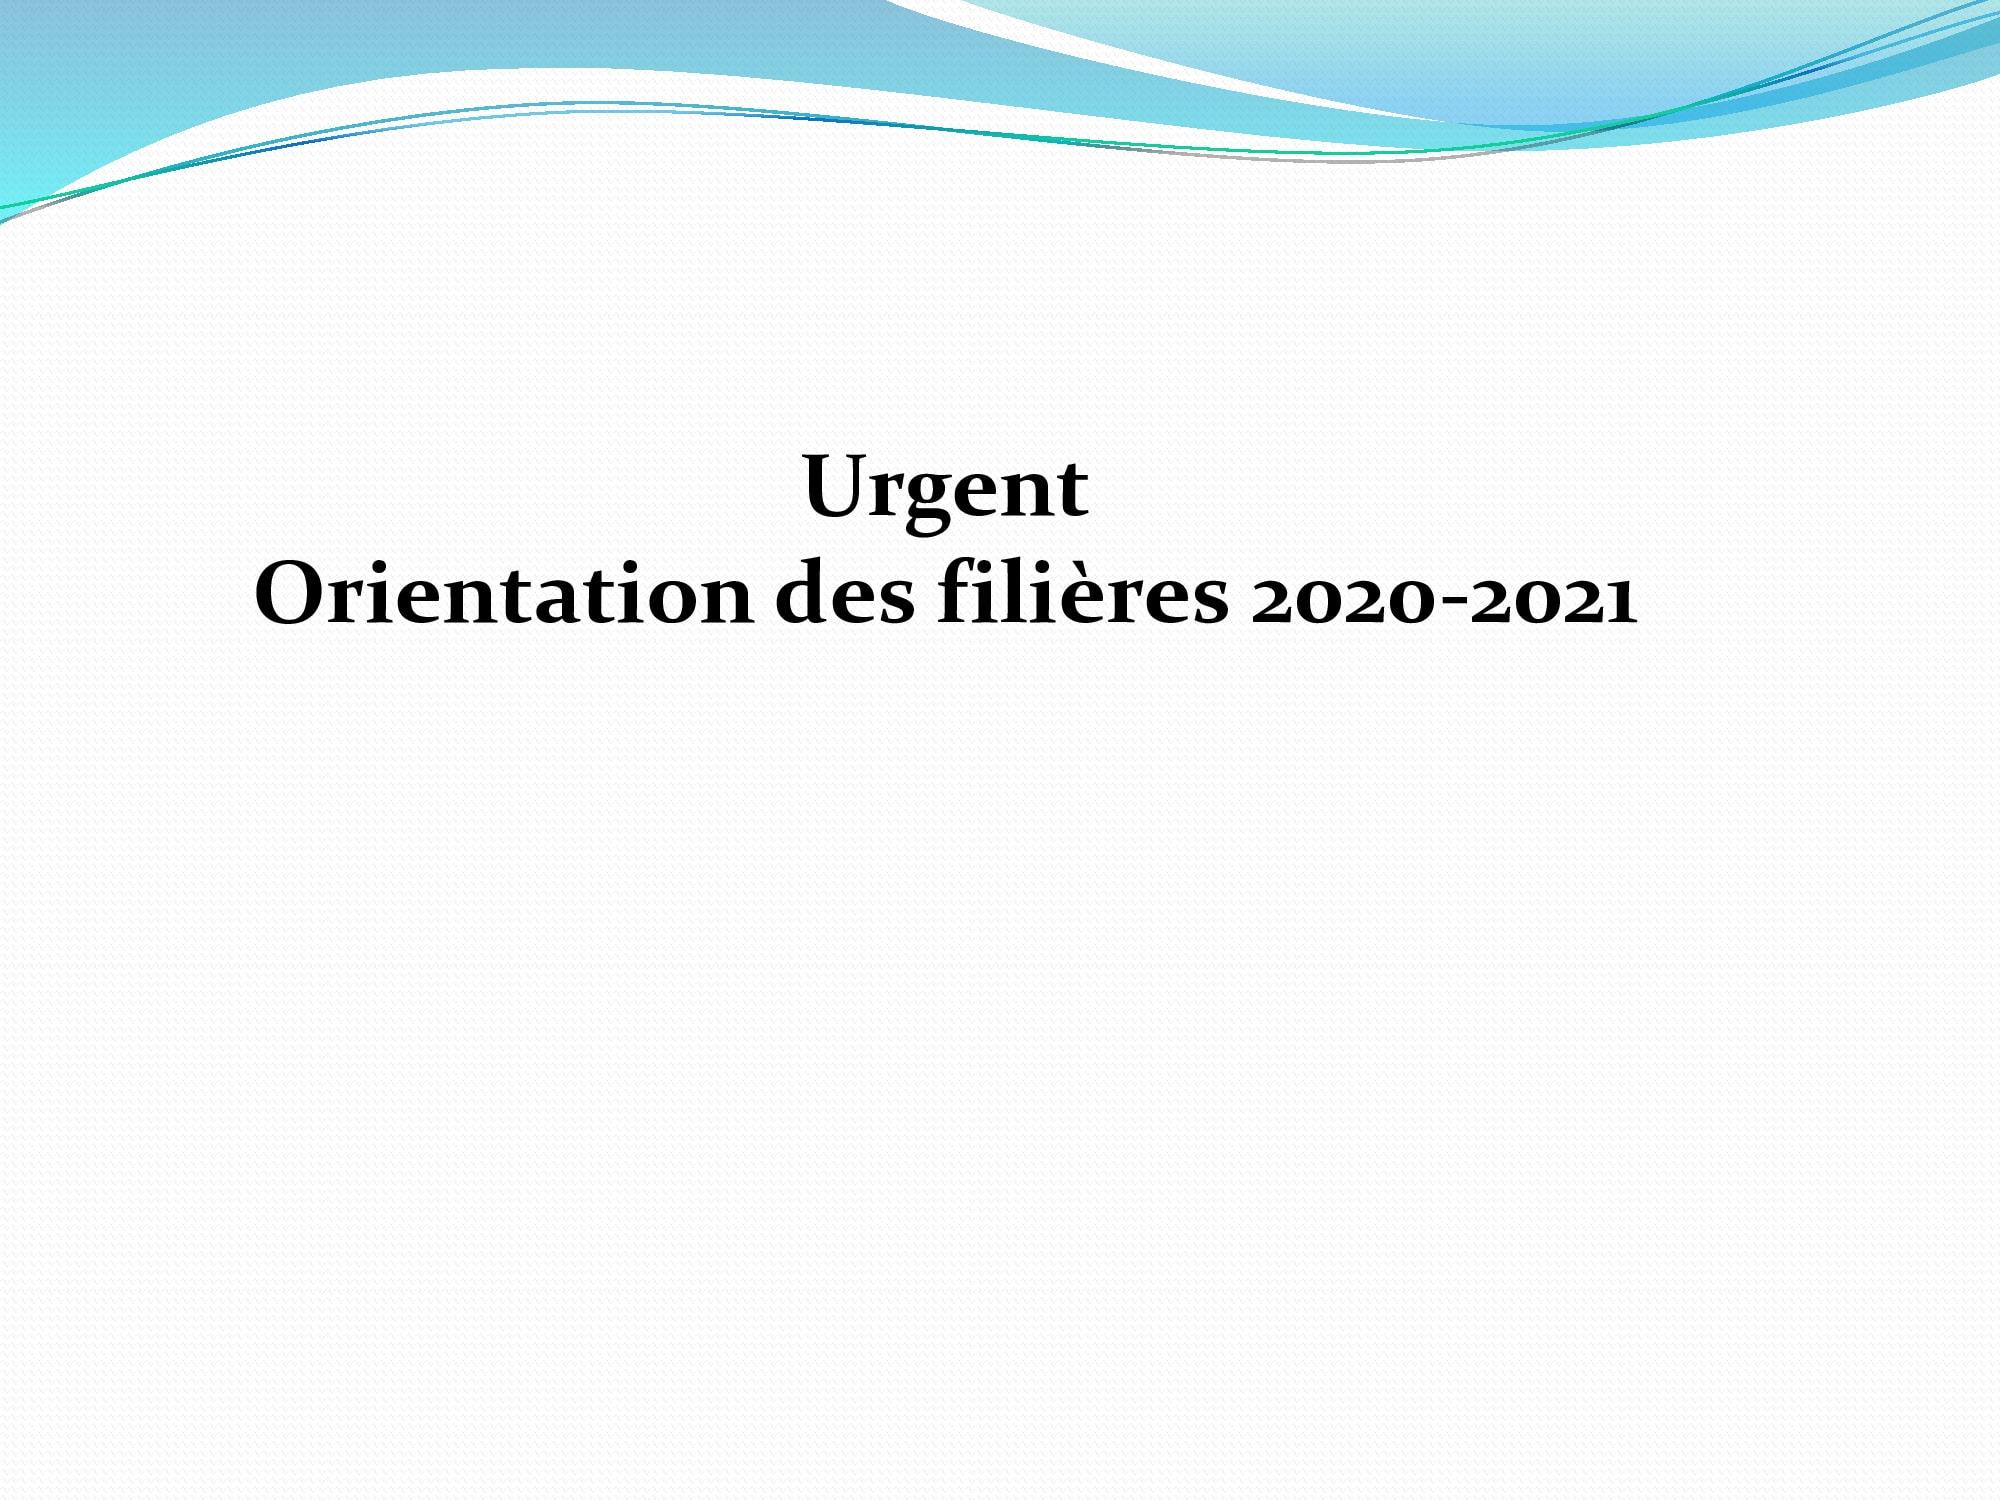 Orientation-des-filires-2020-2021-min